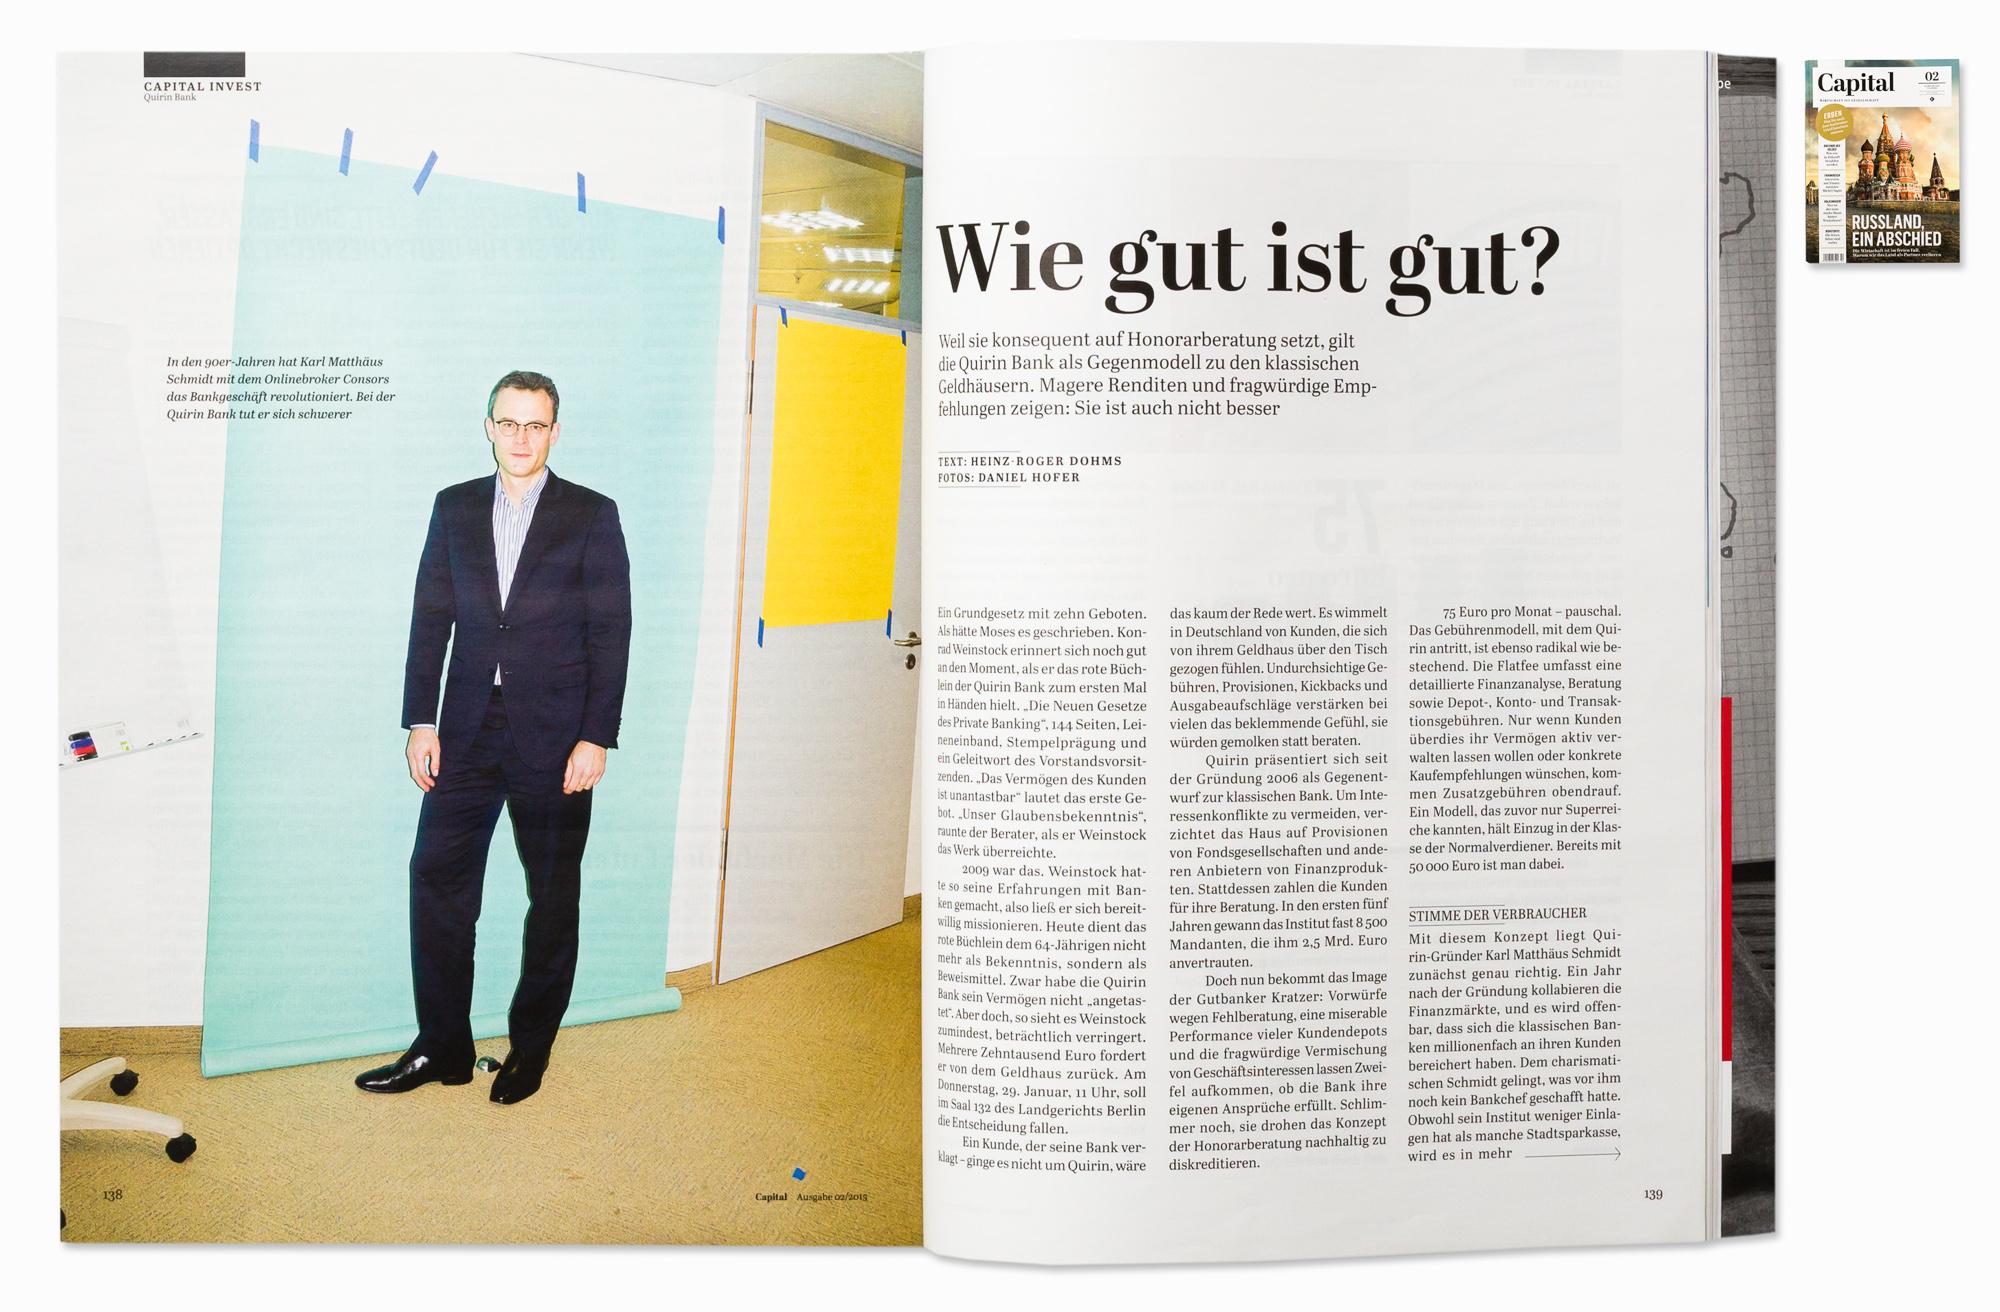 Karl Matthäus Schmidt, CEO of Quirin Bank for Capital, Berlin, 2015